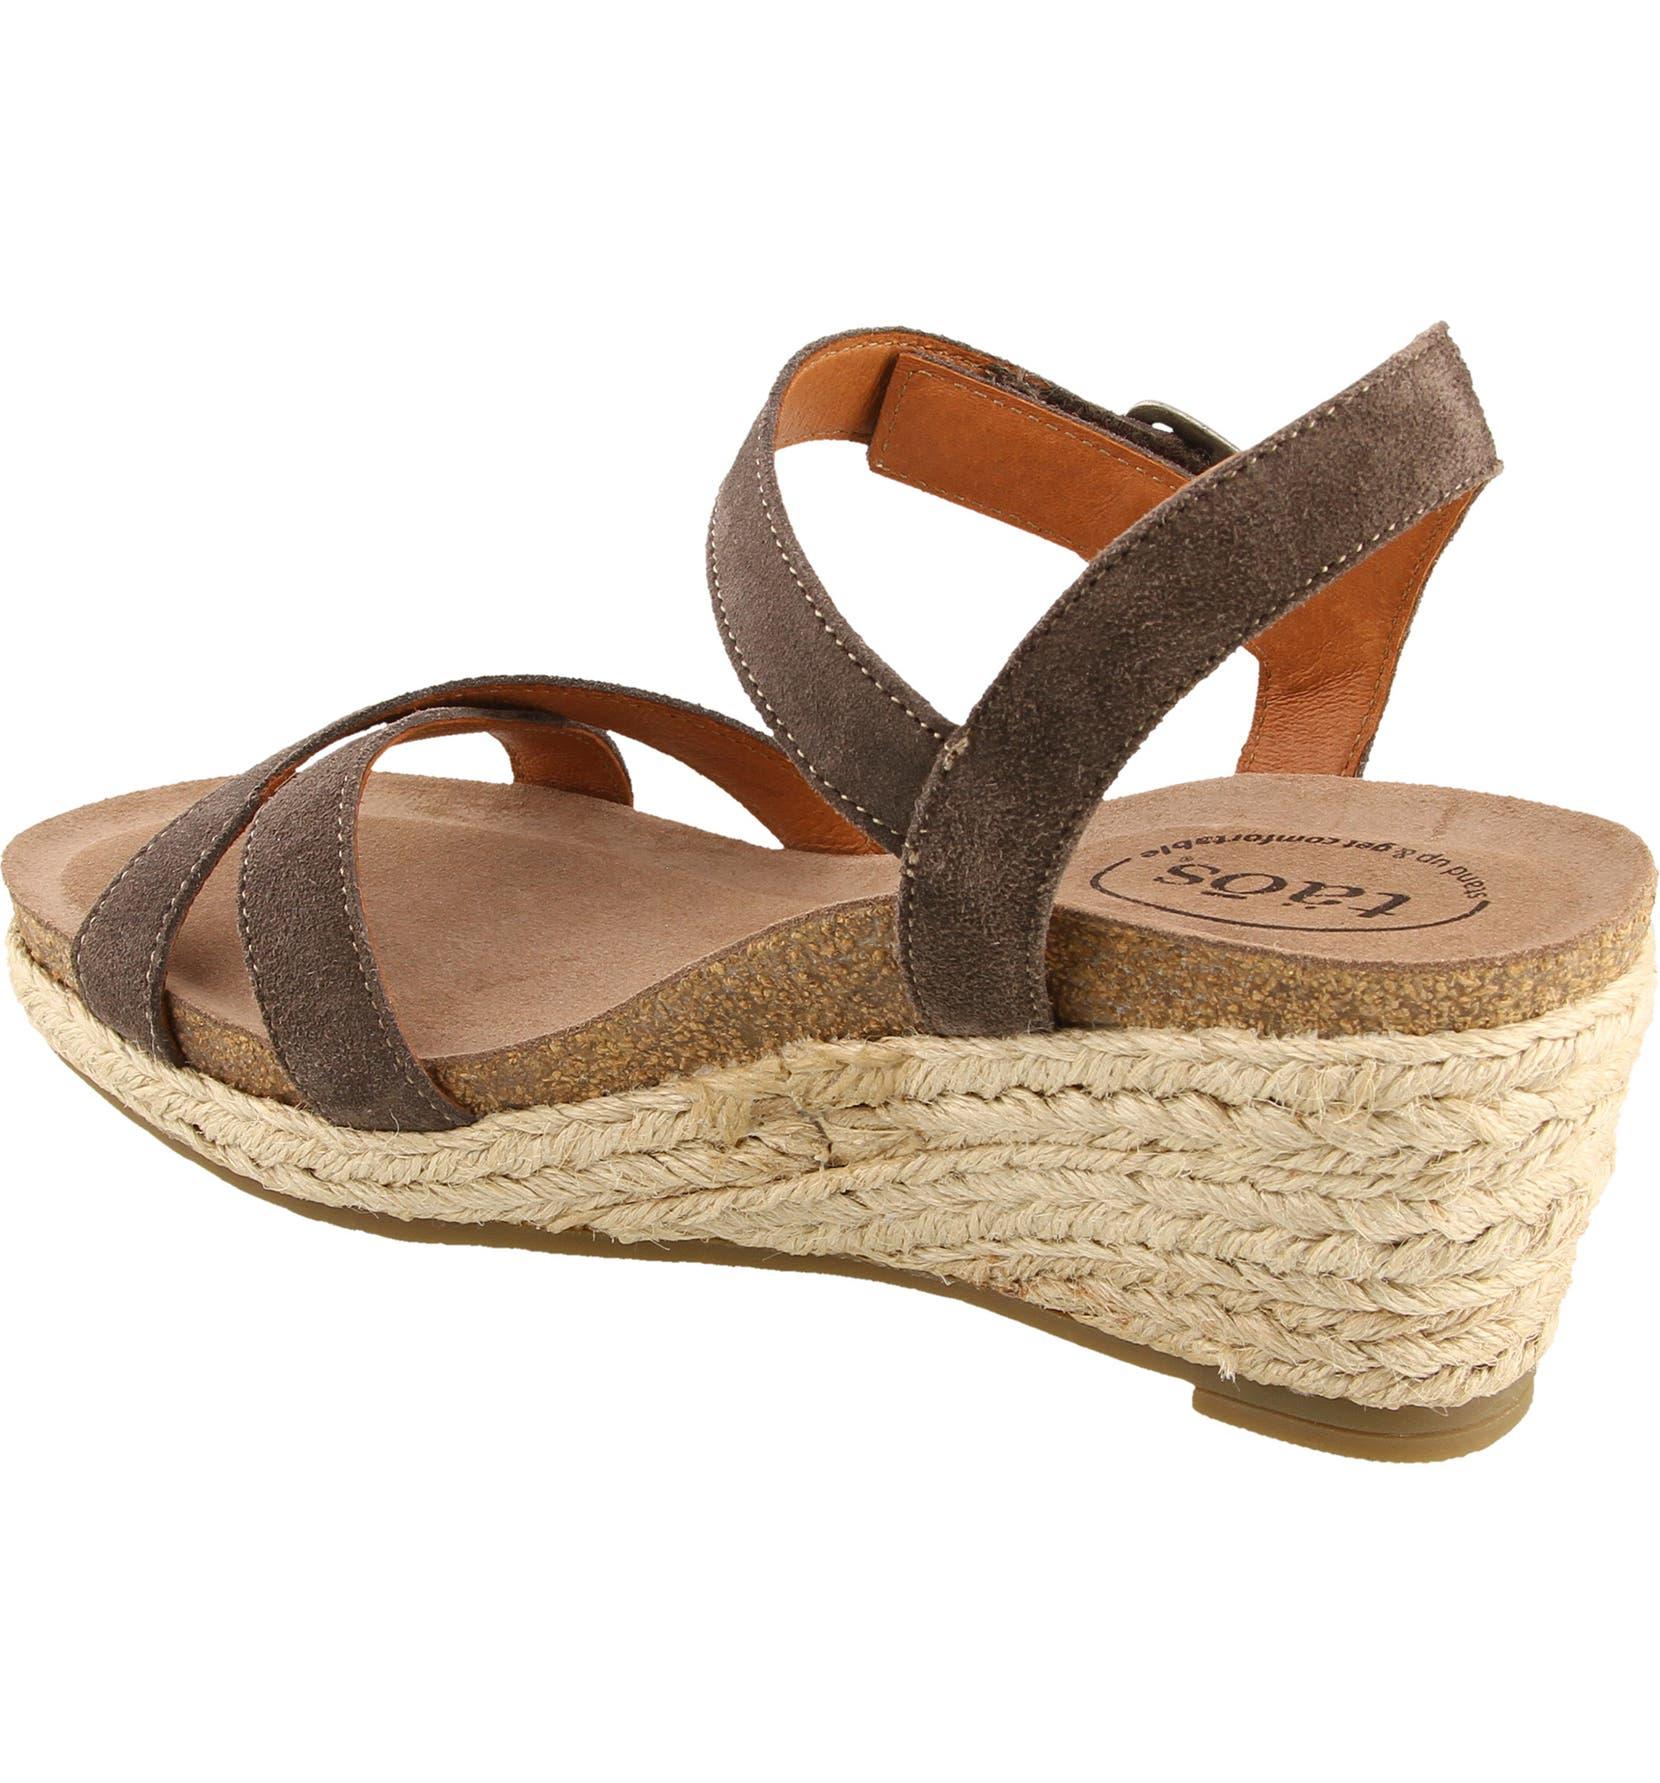 8af7b1af101 Taos Hey Jute Espadrille Wedge Sandal (Women)